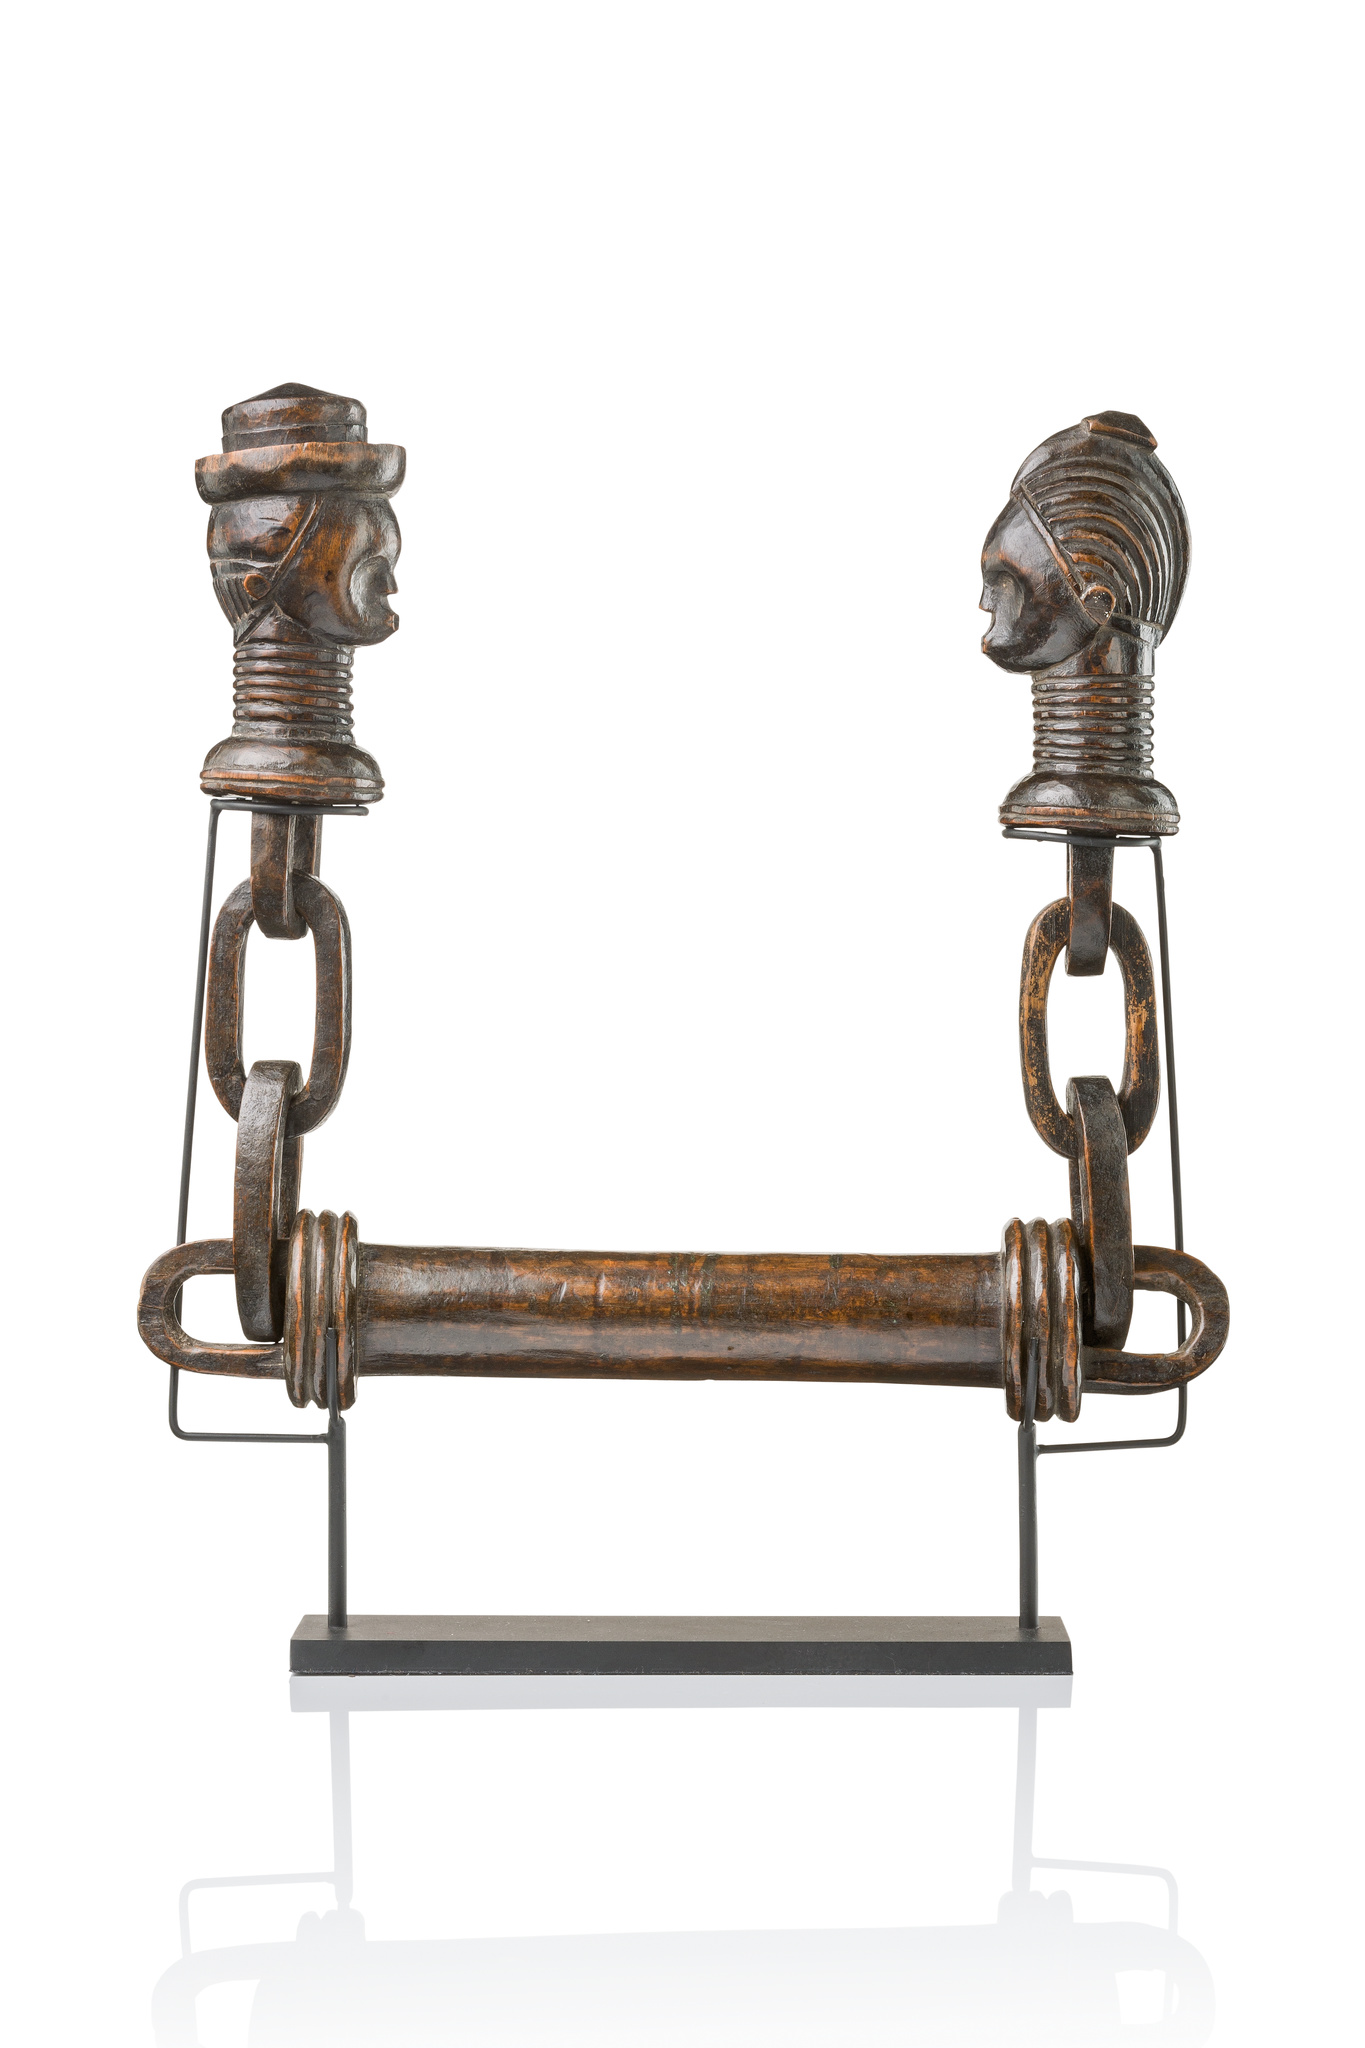 Halter für Hängematte, ca. 1890/1900